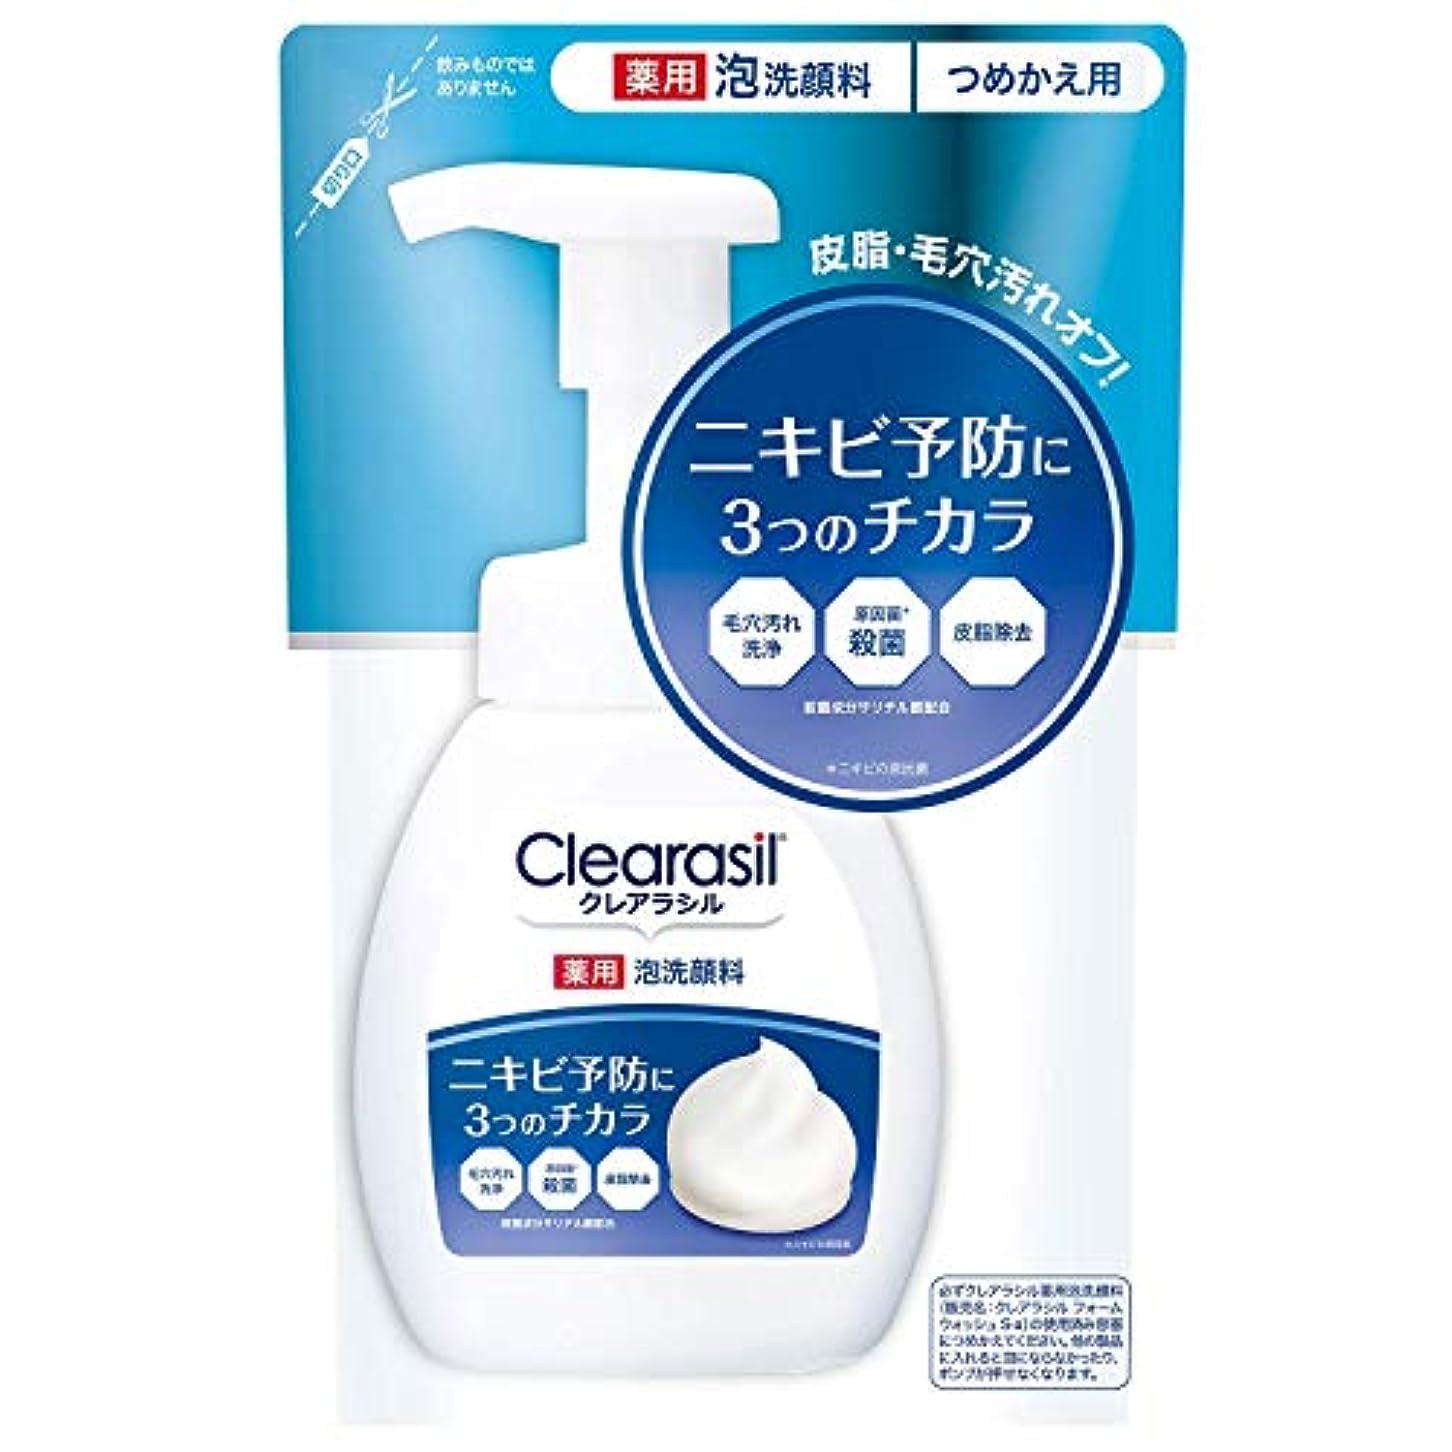 焼く司令官アメリカクレアラシル 薬用泡洗顔フォーム10X 180ml ×2セット